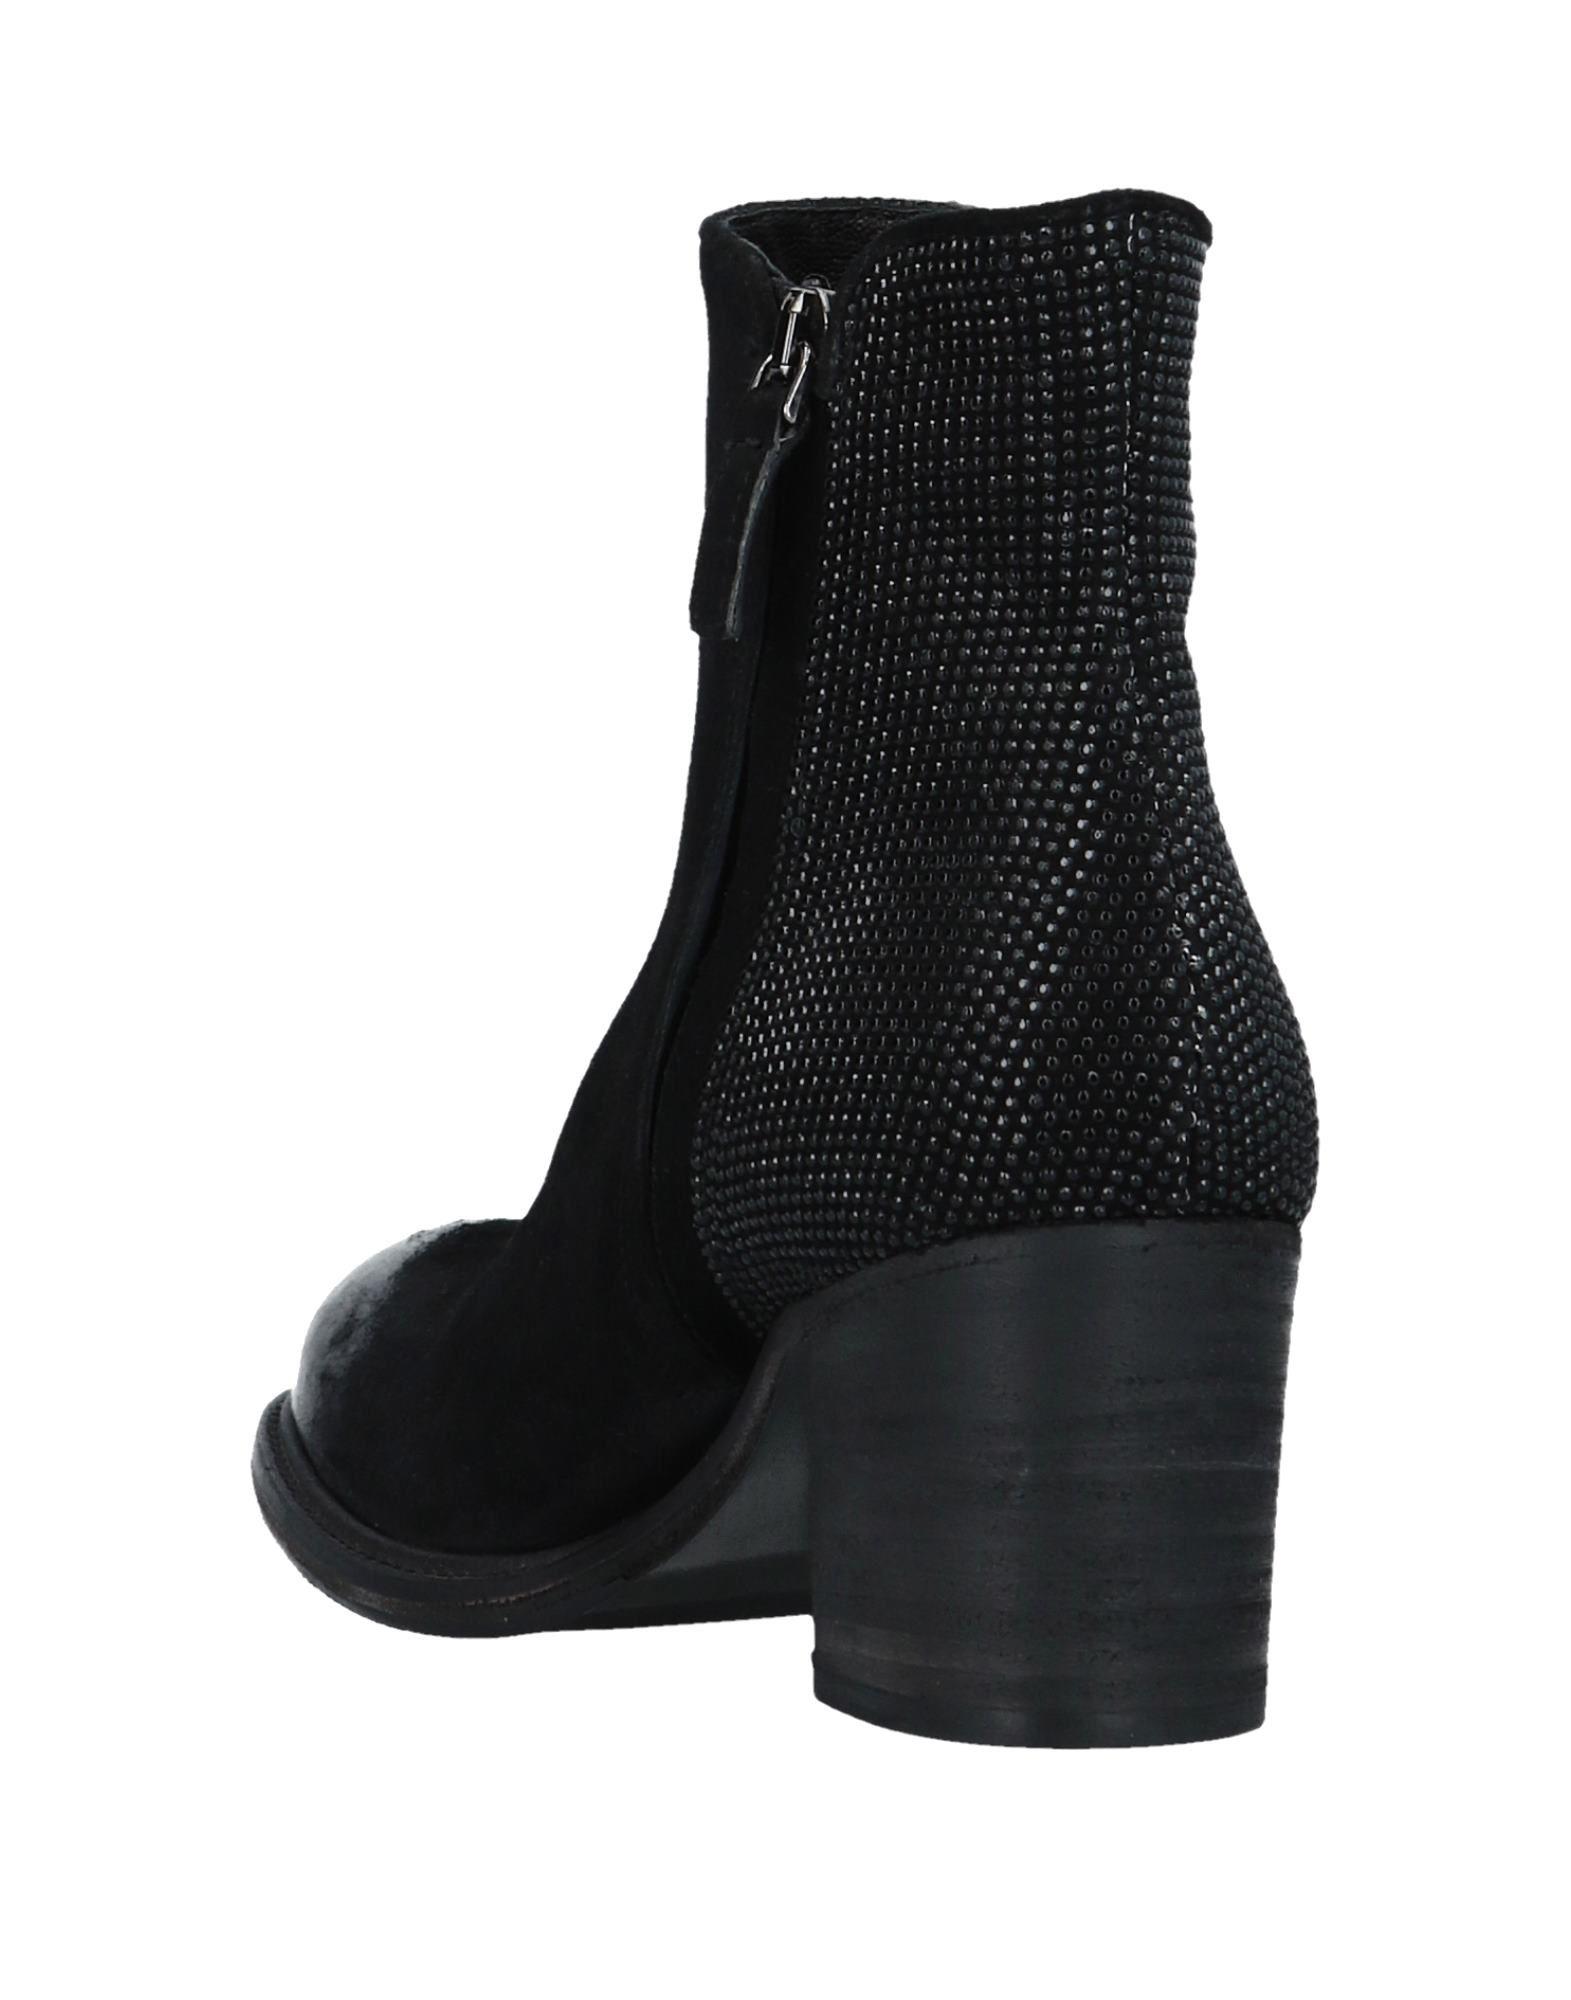 J|D Julie Dee Stiefelette Damen  beliebte 11539597WU Gute Qualität beliebte  Schuhe 58d067